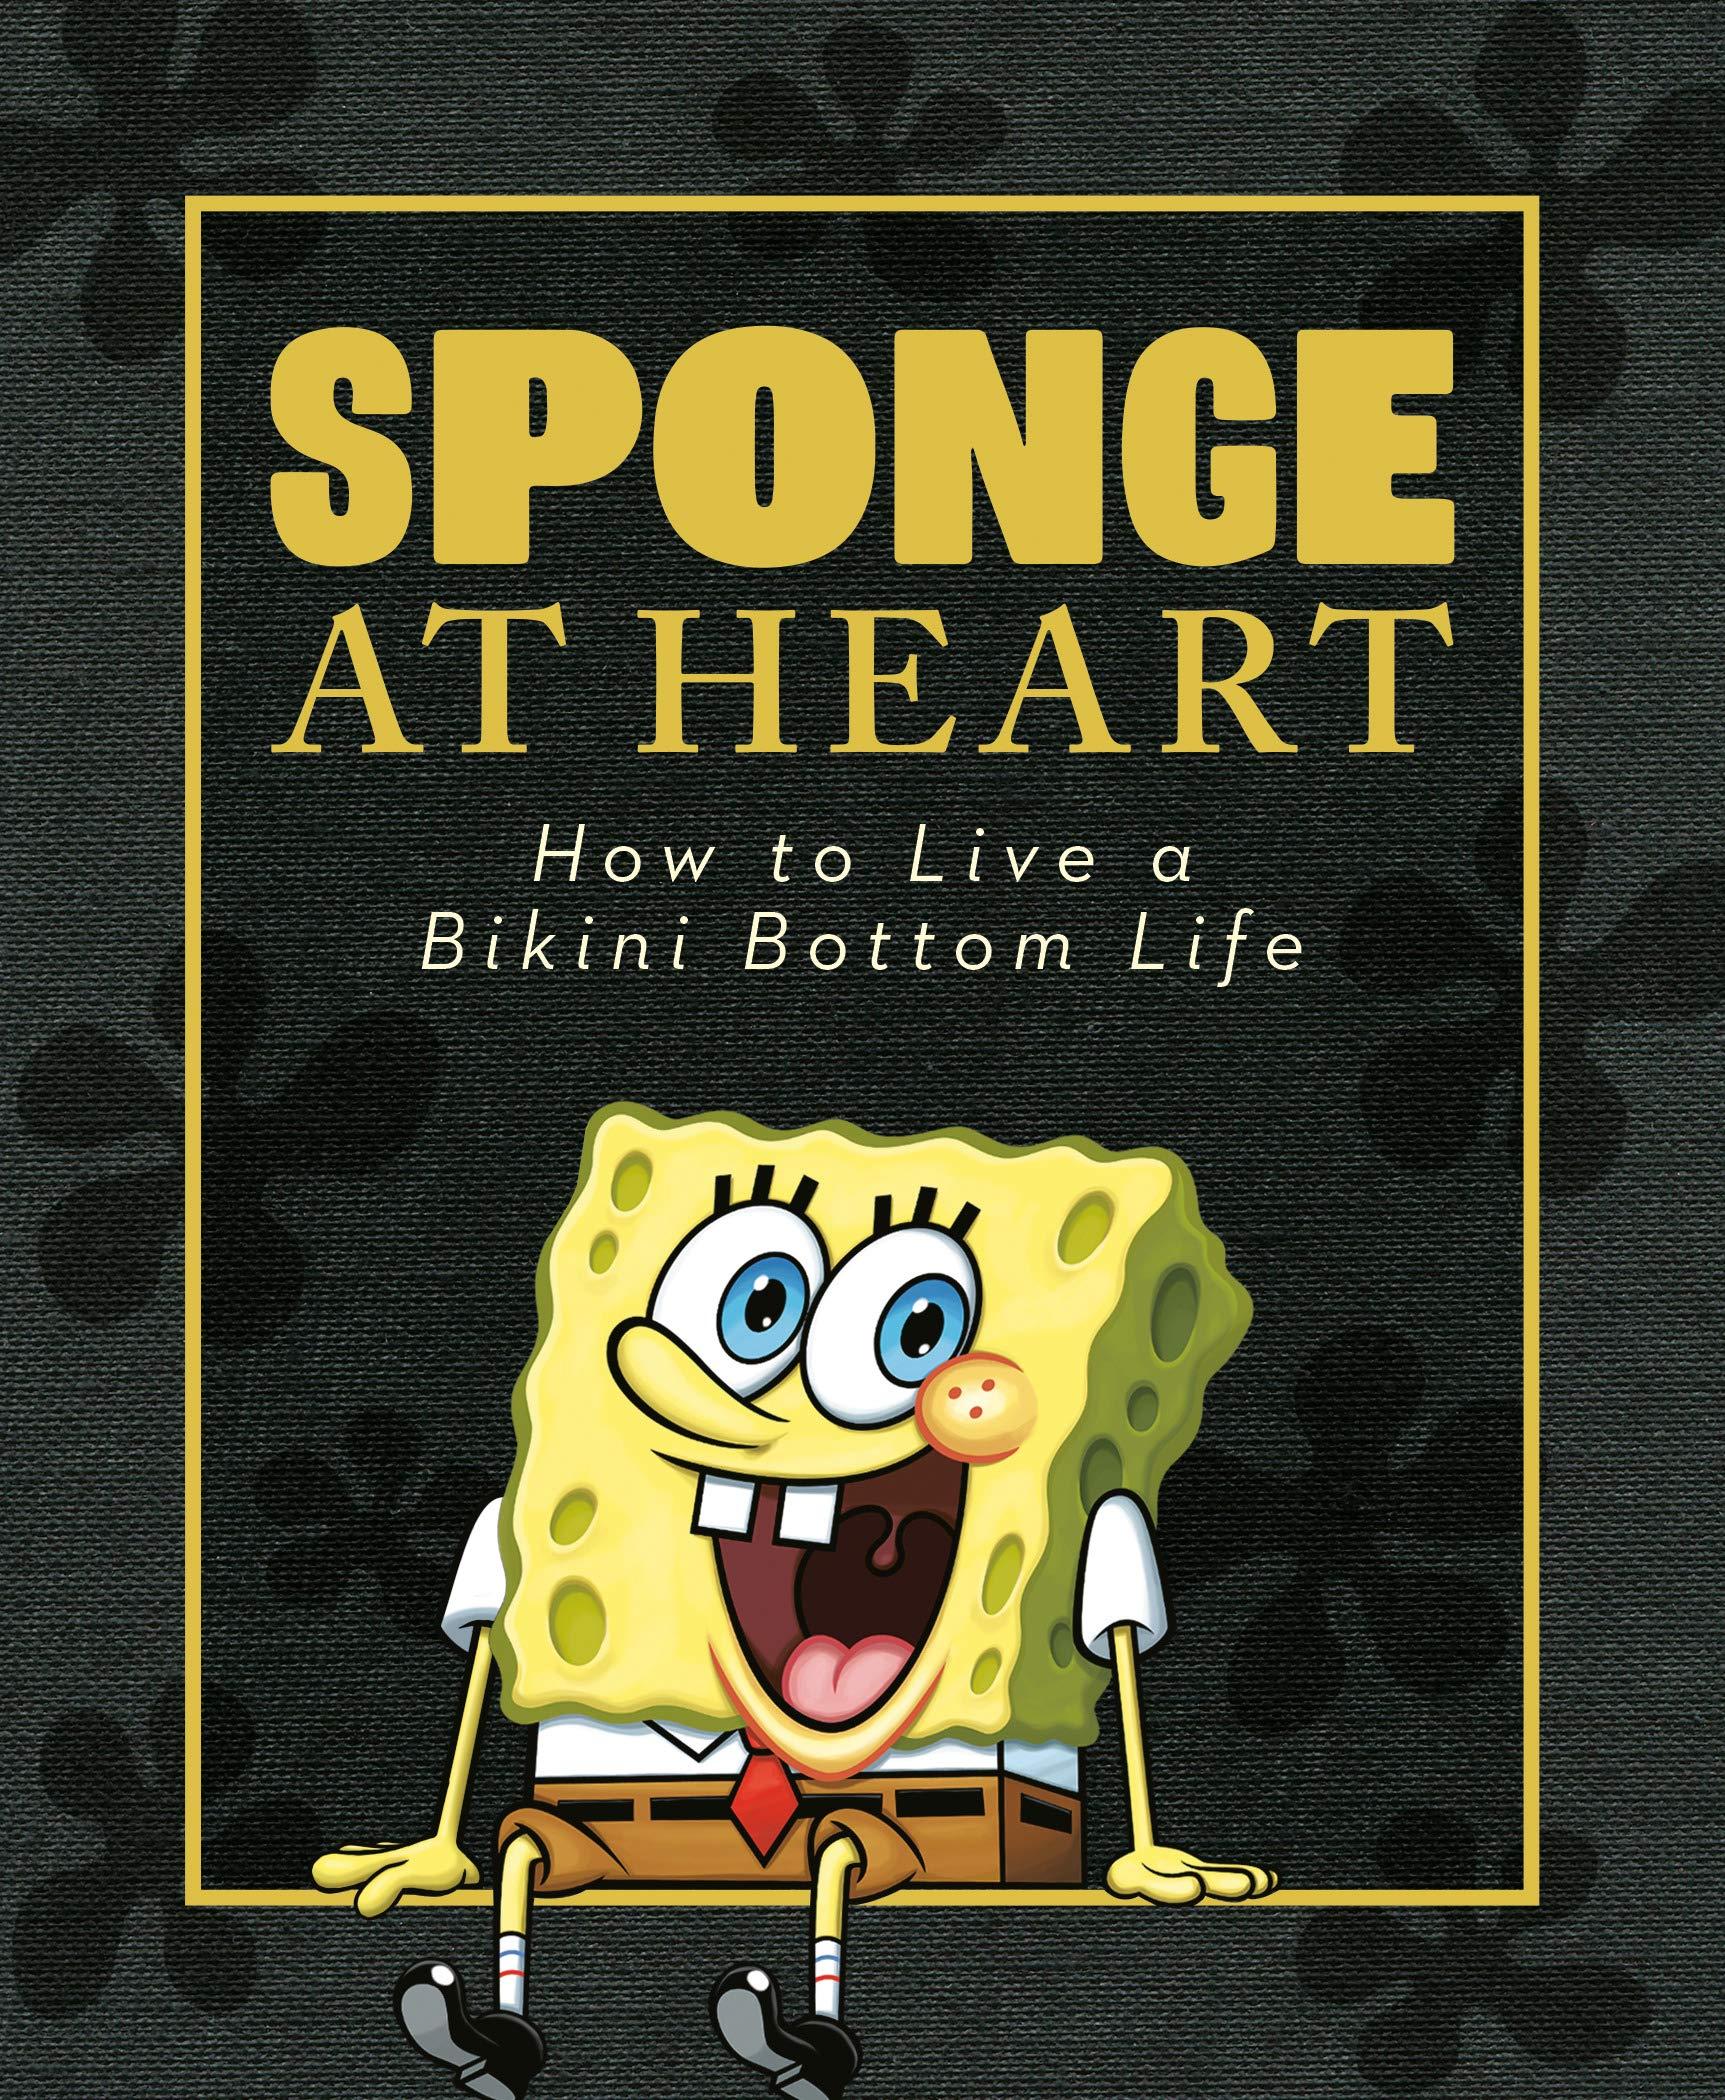 Sponge at Heart: How to Live a Bikini Bottom Life